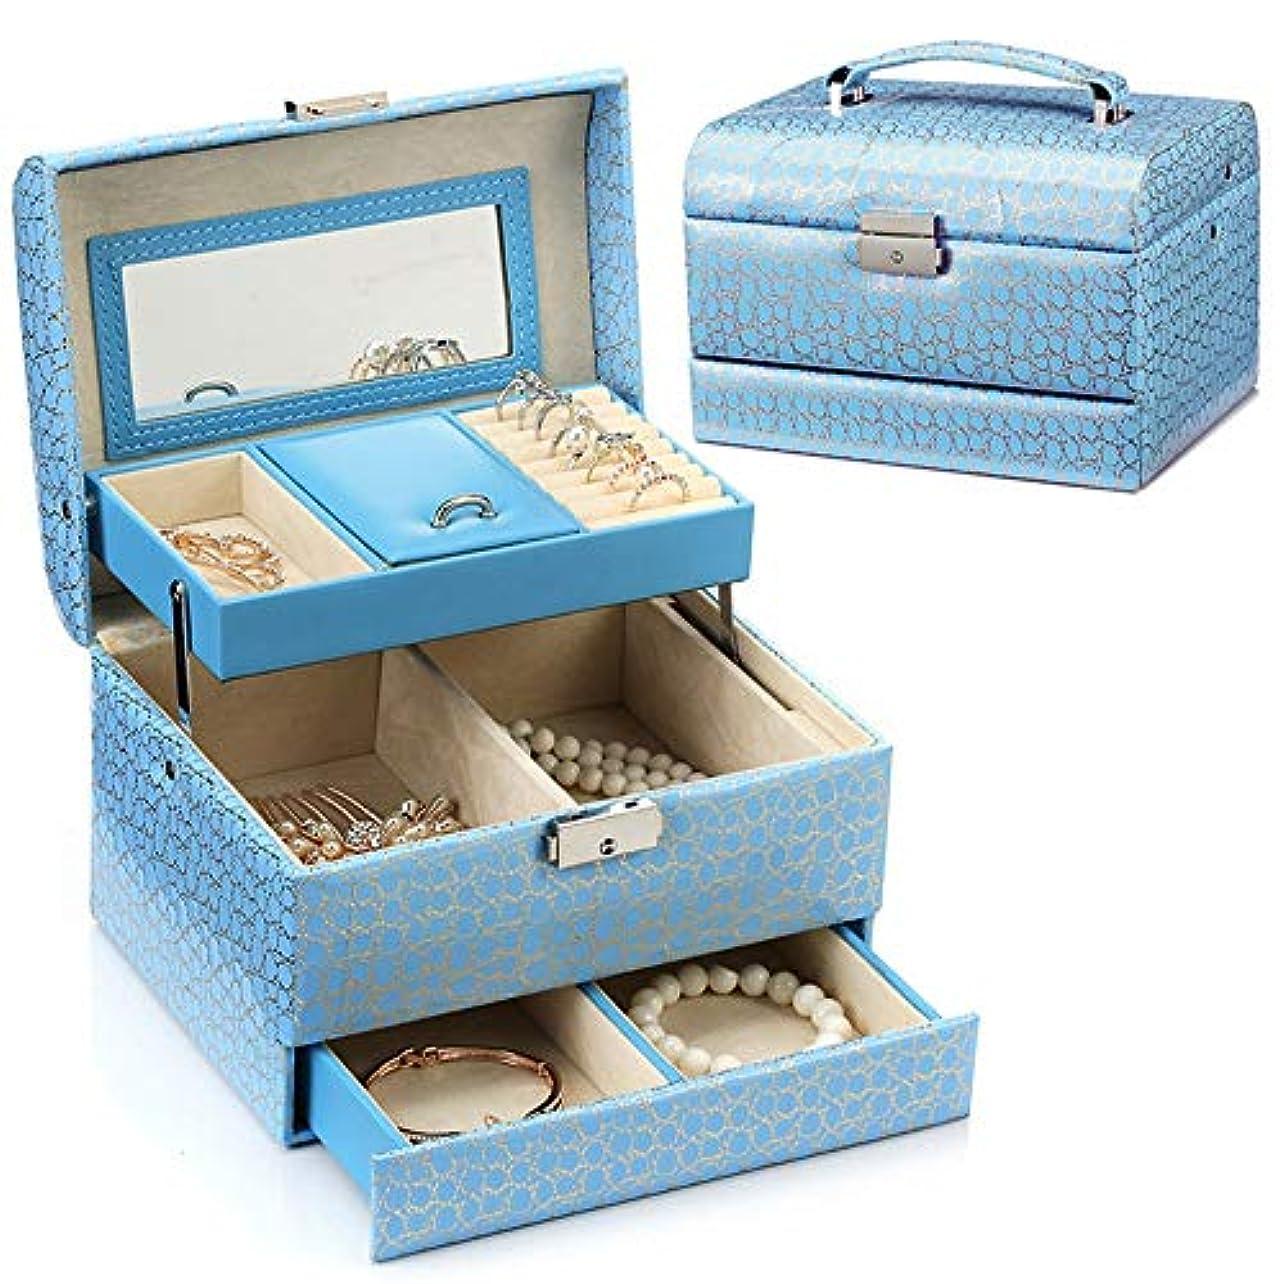 人生を作るスカイペイン化粧オーガナイザーバッグ 多層の引き出し女性の宝石の収納箱小物のストレージのための 化粧品ケース (色 : 青)